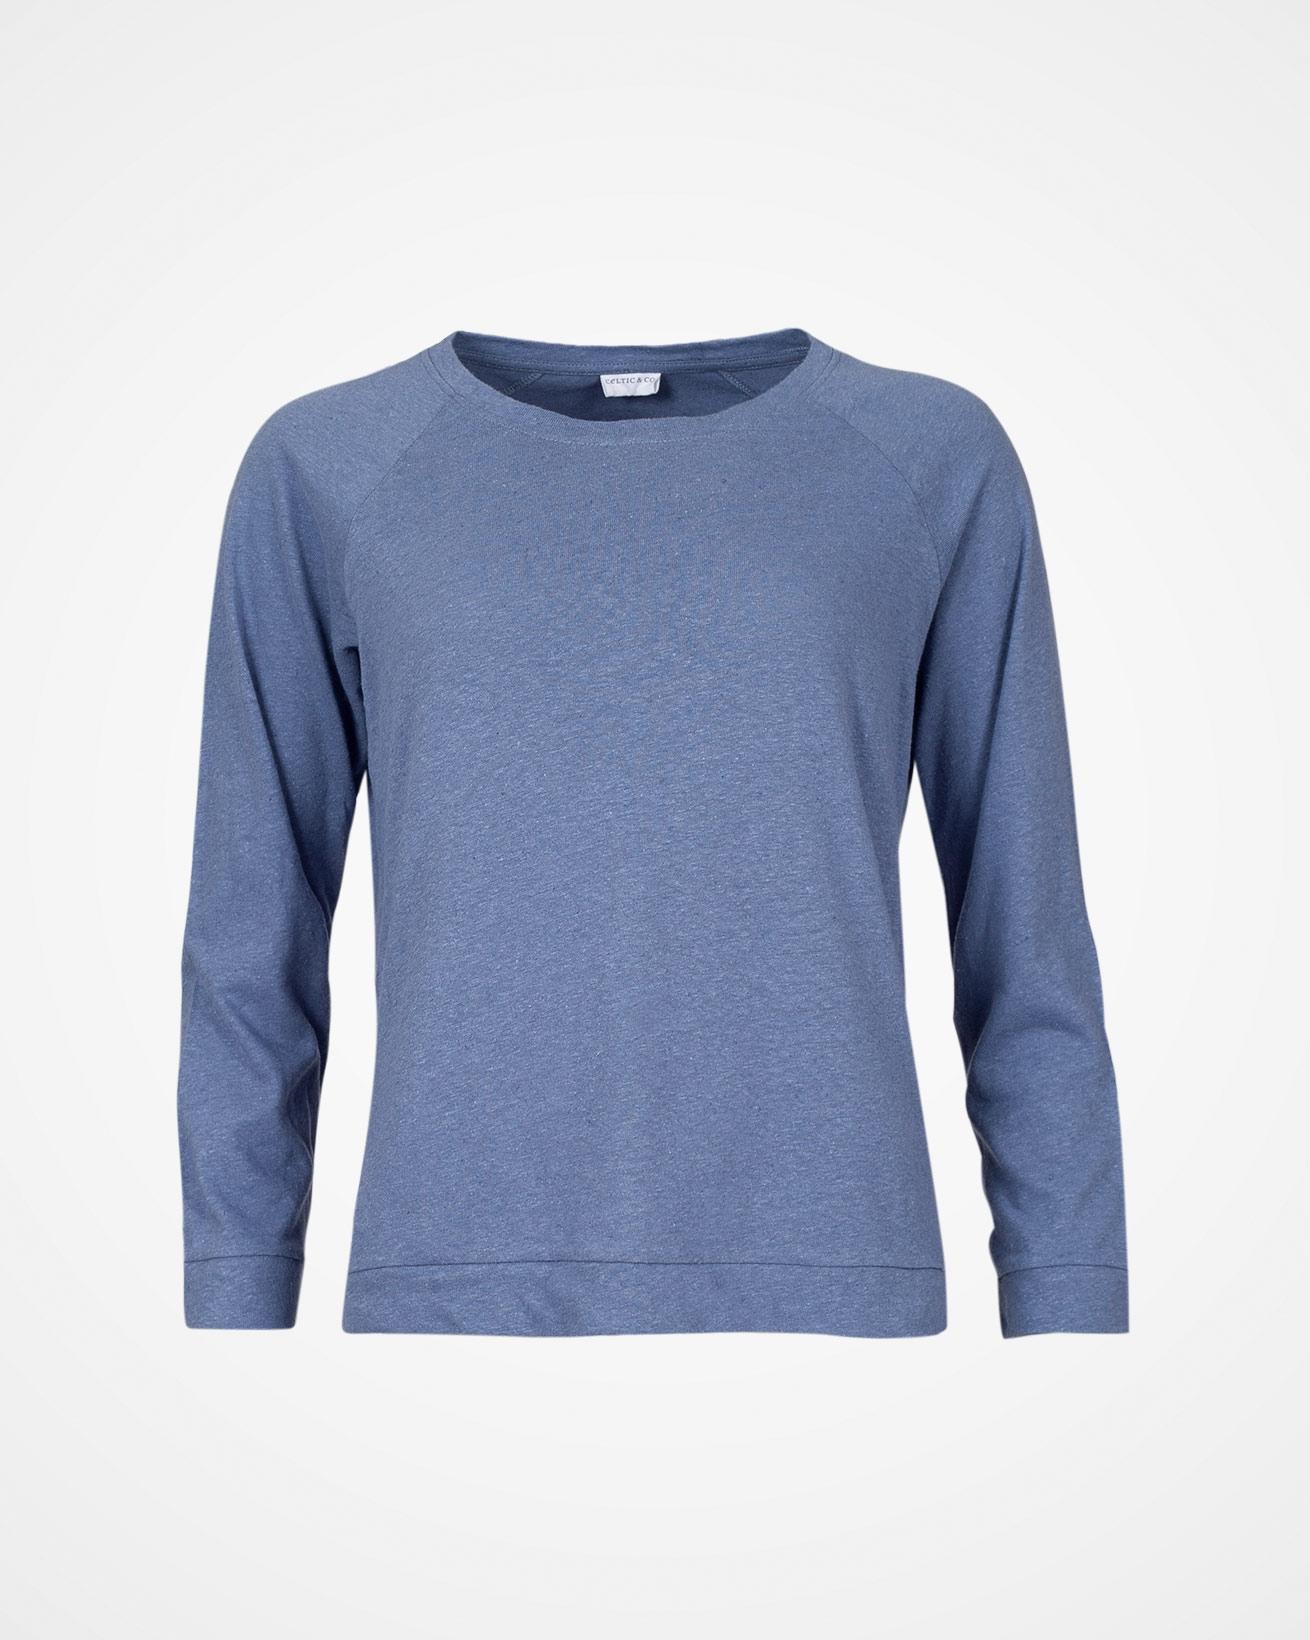 7584_linen-cotton_sweatshirt_cornflower-blue_front.jpg